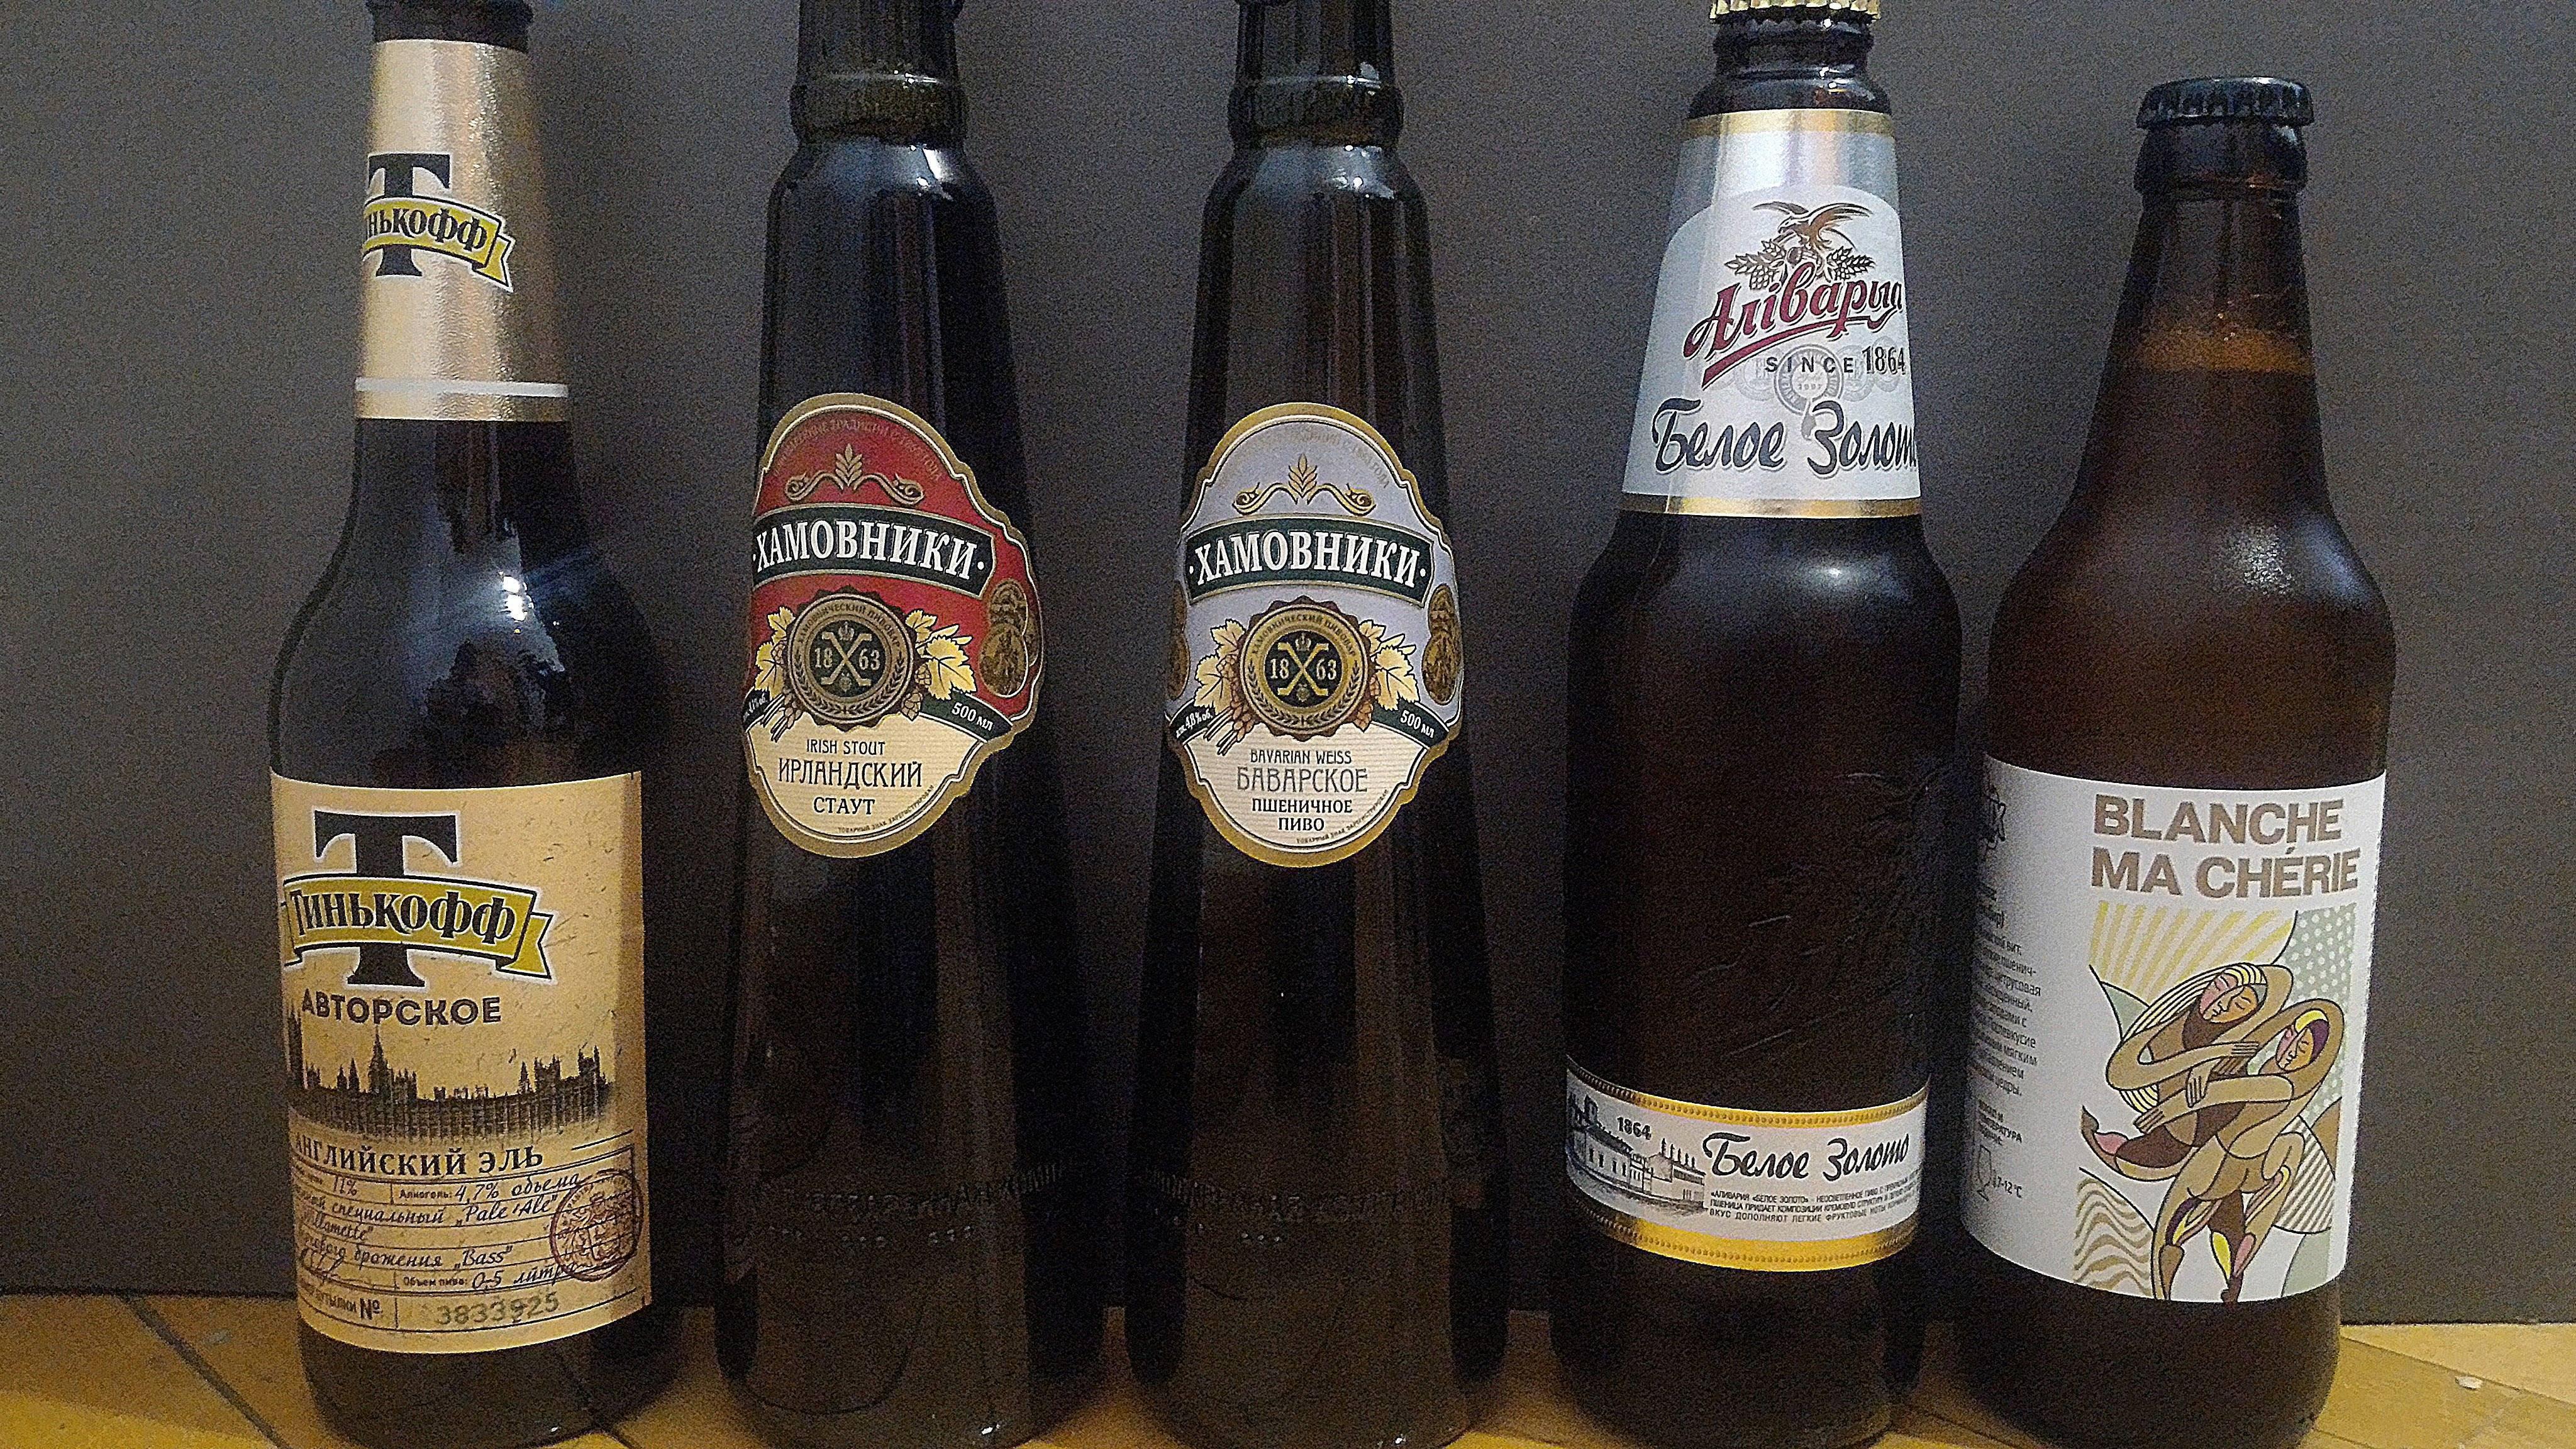 Немецкое пиво: достопримечательность или обыденность? | за порогом